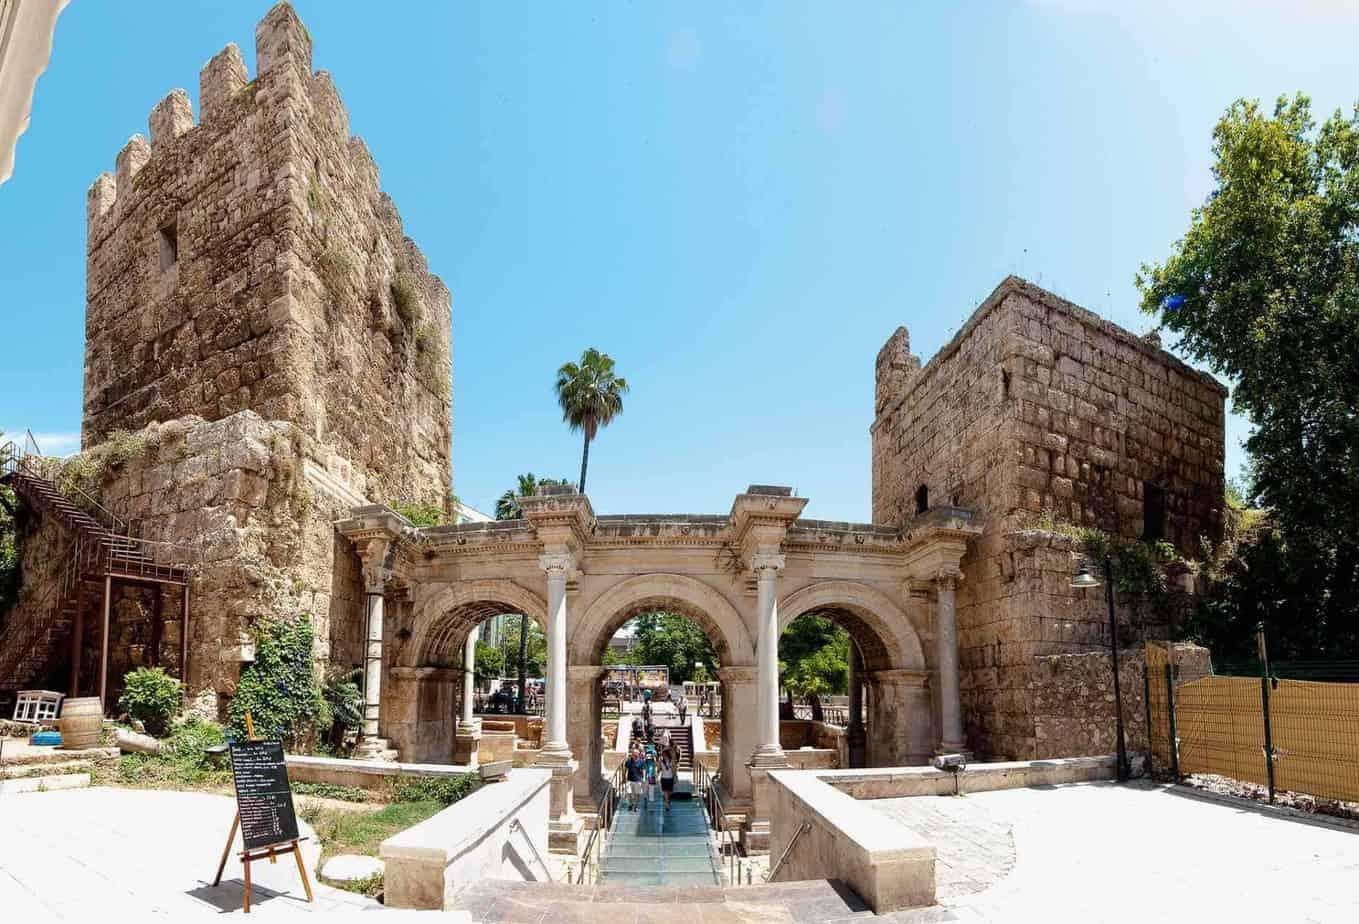 برنامج سياحي في انطاليا تركيا مرتب وسهل